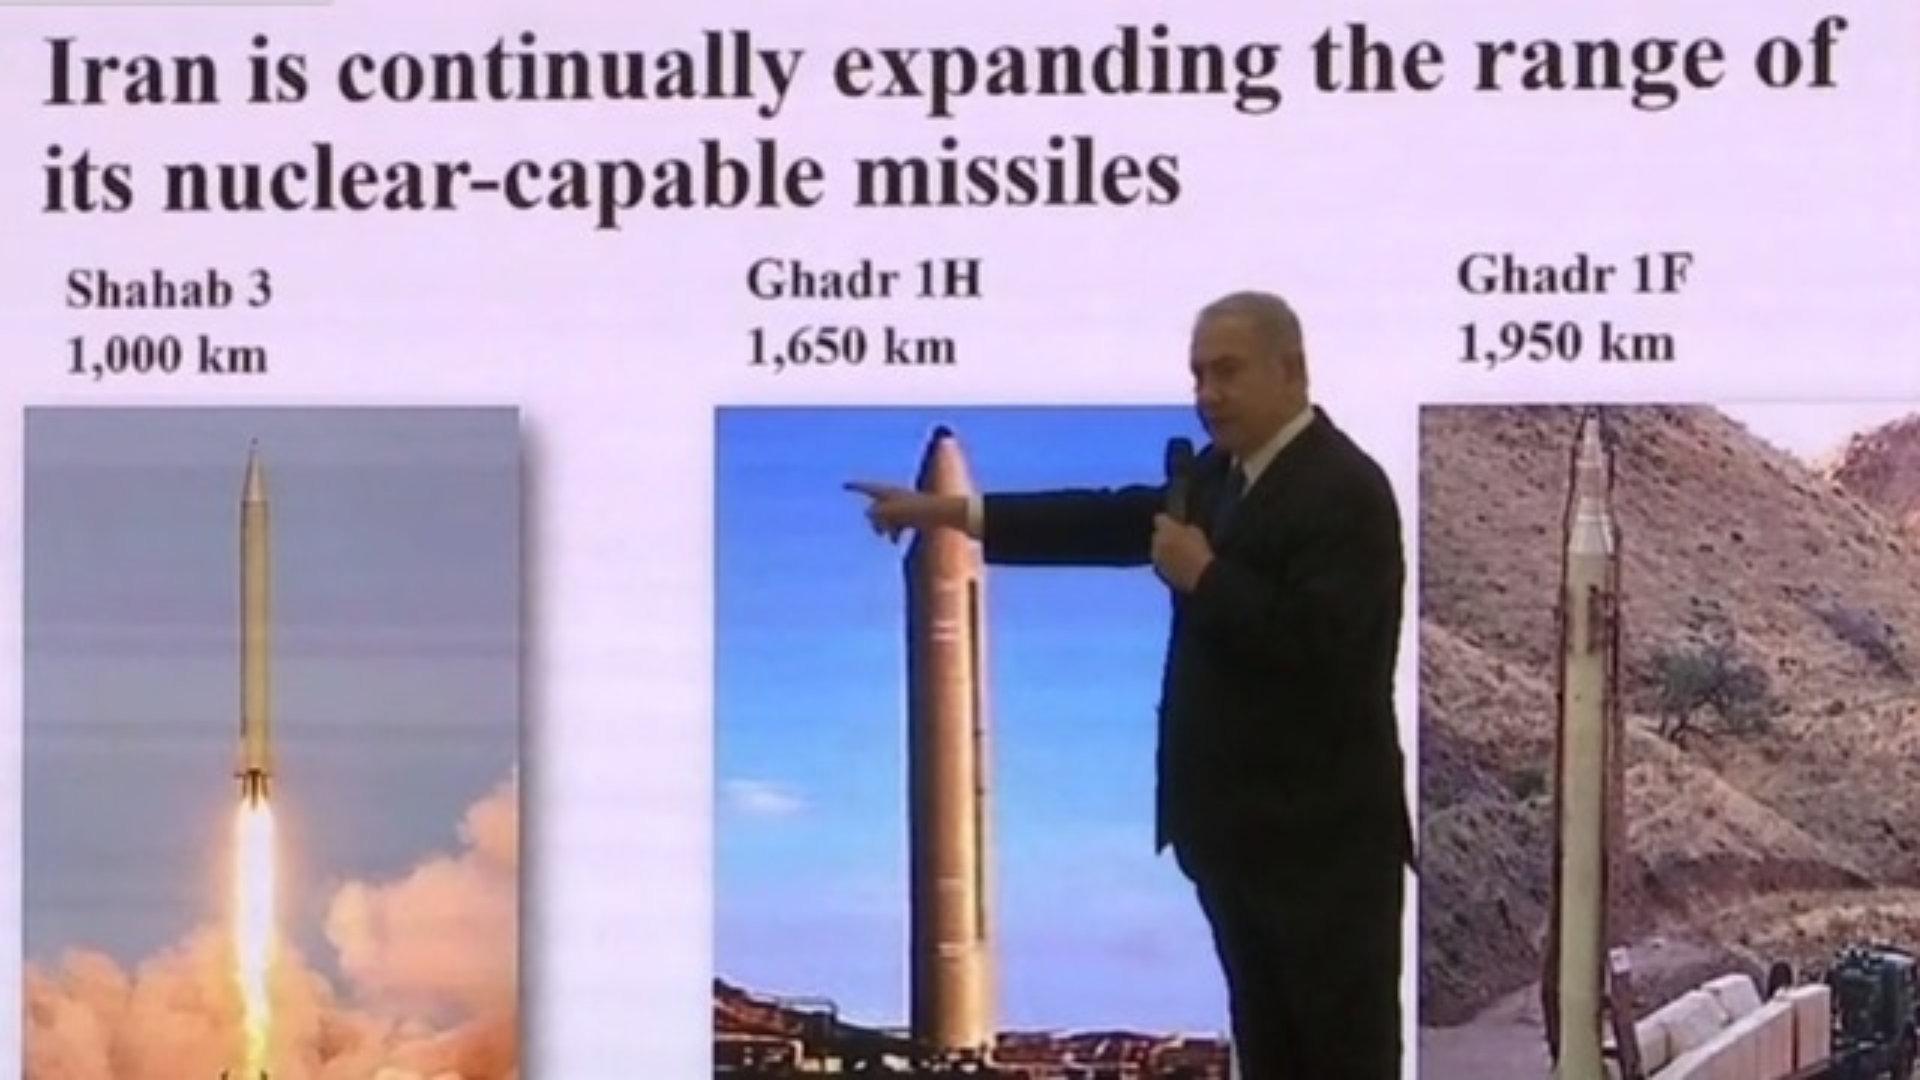 Conférence de presse de Netanyahu présentant des preuves de l'existence d'un programme nucléaire iranien clandestin (Vidéo)